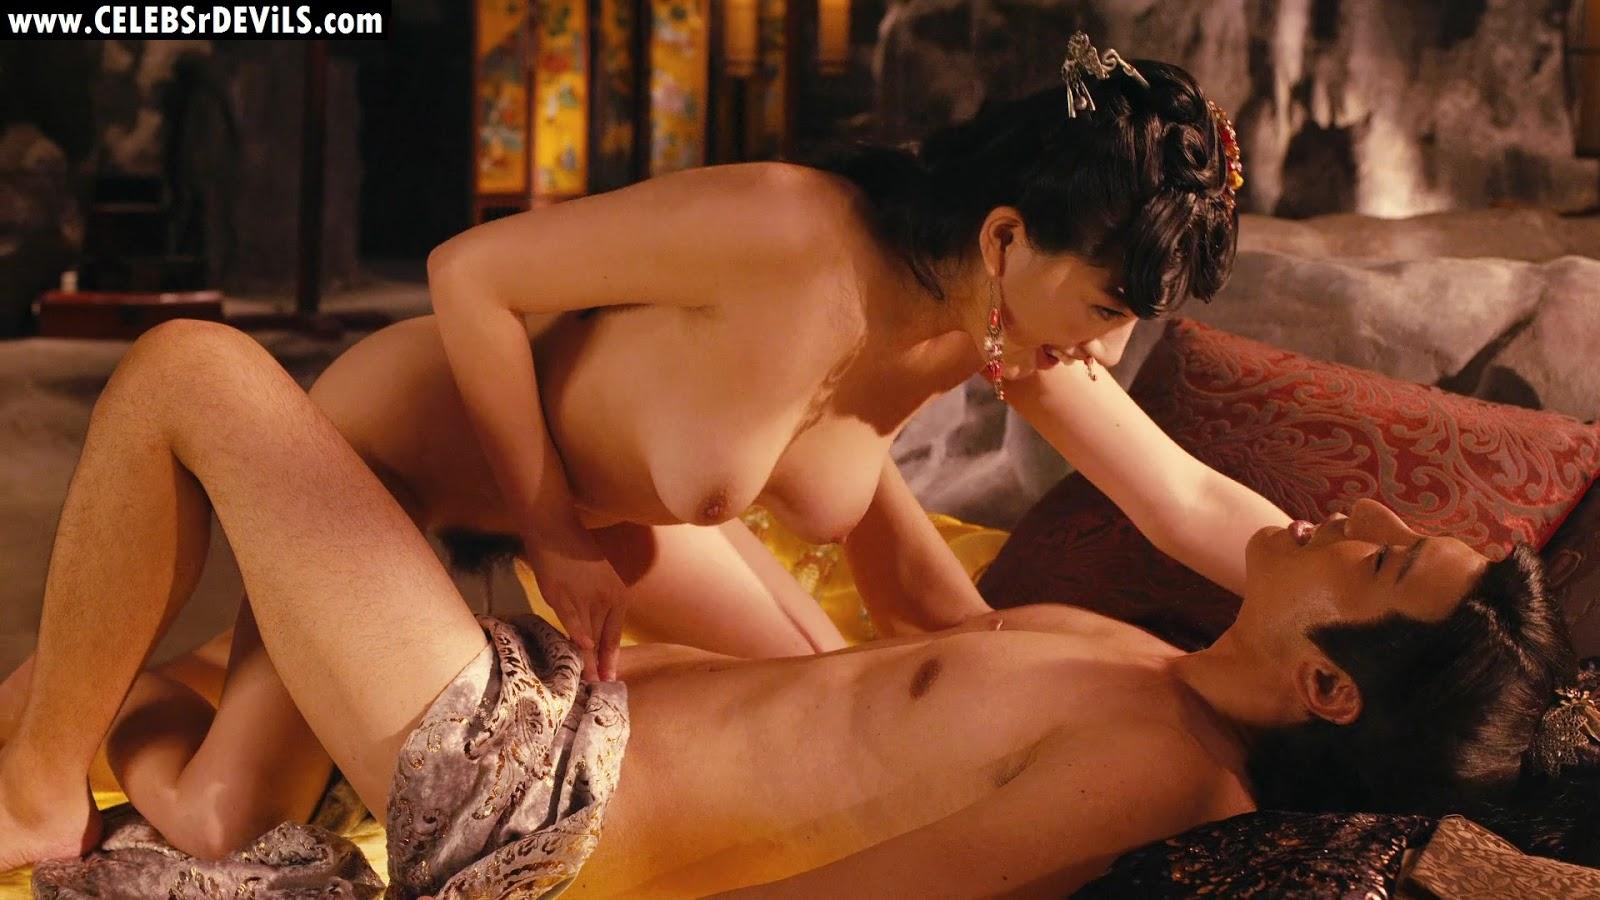 kino-pro-seks-i-dzen